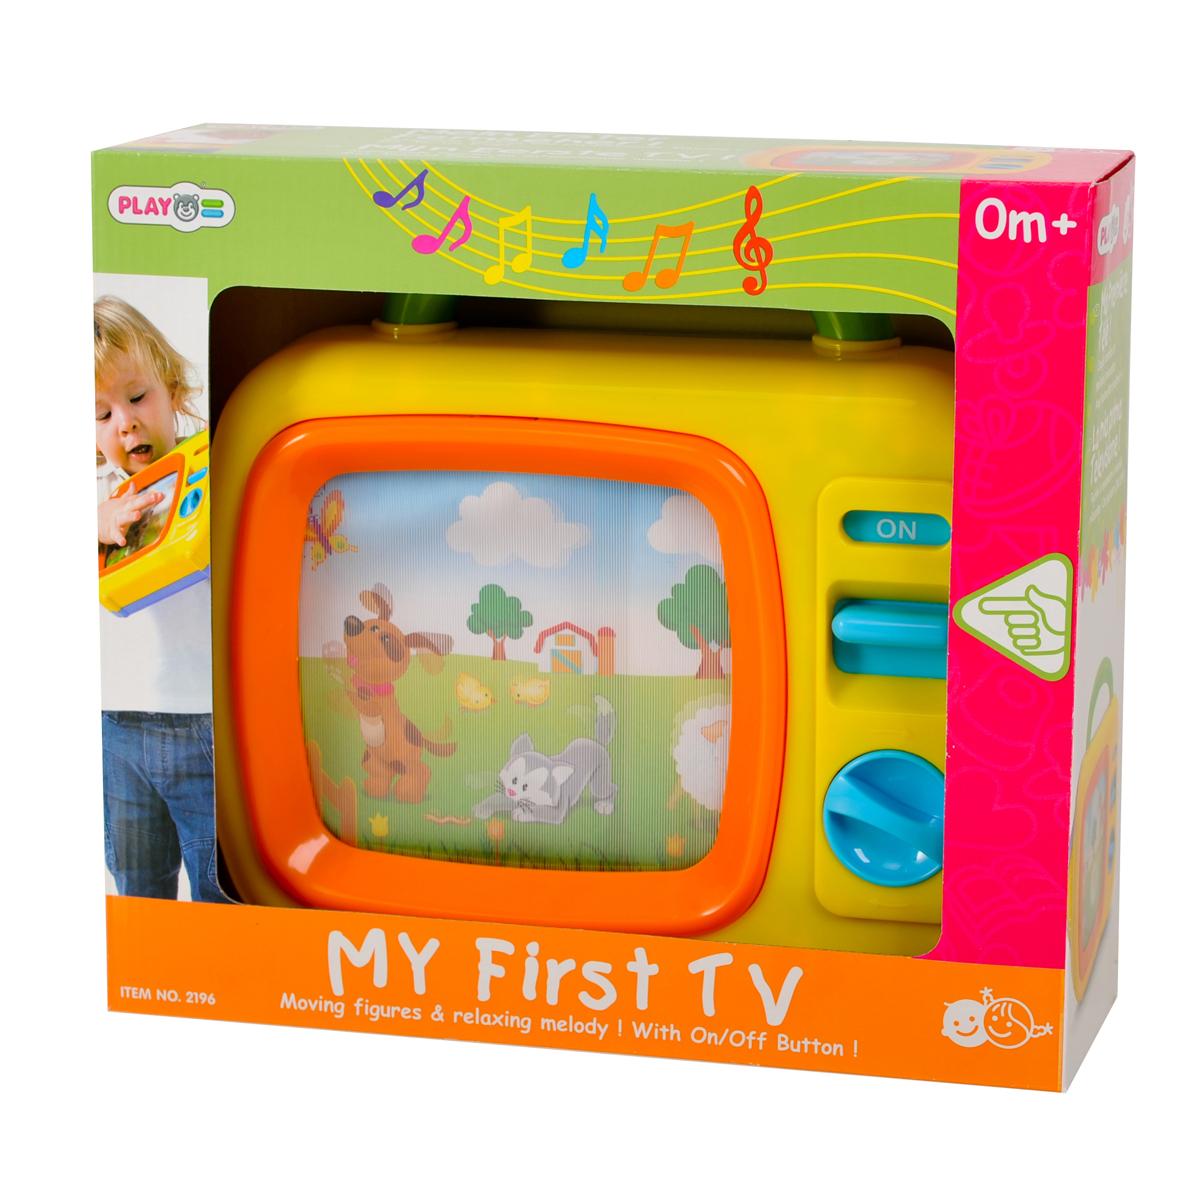 Playgo Музыкальная игрушка My First TvPlay 2196Музыкальная игрушка Playgo My First Tv - это маленький механический телевизор с ручкой-переноской, который обязательно понравится вашему малышу. Экран телевизора переливается и прокручивает небольшой сюжет из жизни животных в деревенской атмосфере. Картинка медленно плывет, прокручивается полностью примерно за 2 минуты, и повторяется снова. Смена картинок сопровождается красивой мелодией, Колыбельной Брамса. Игрушка приводится в действие при помощи механического завода. Такая музыкальная игрушка надолго привлечет внимание вашего малыша.